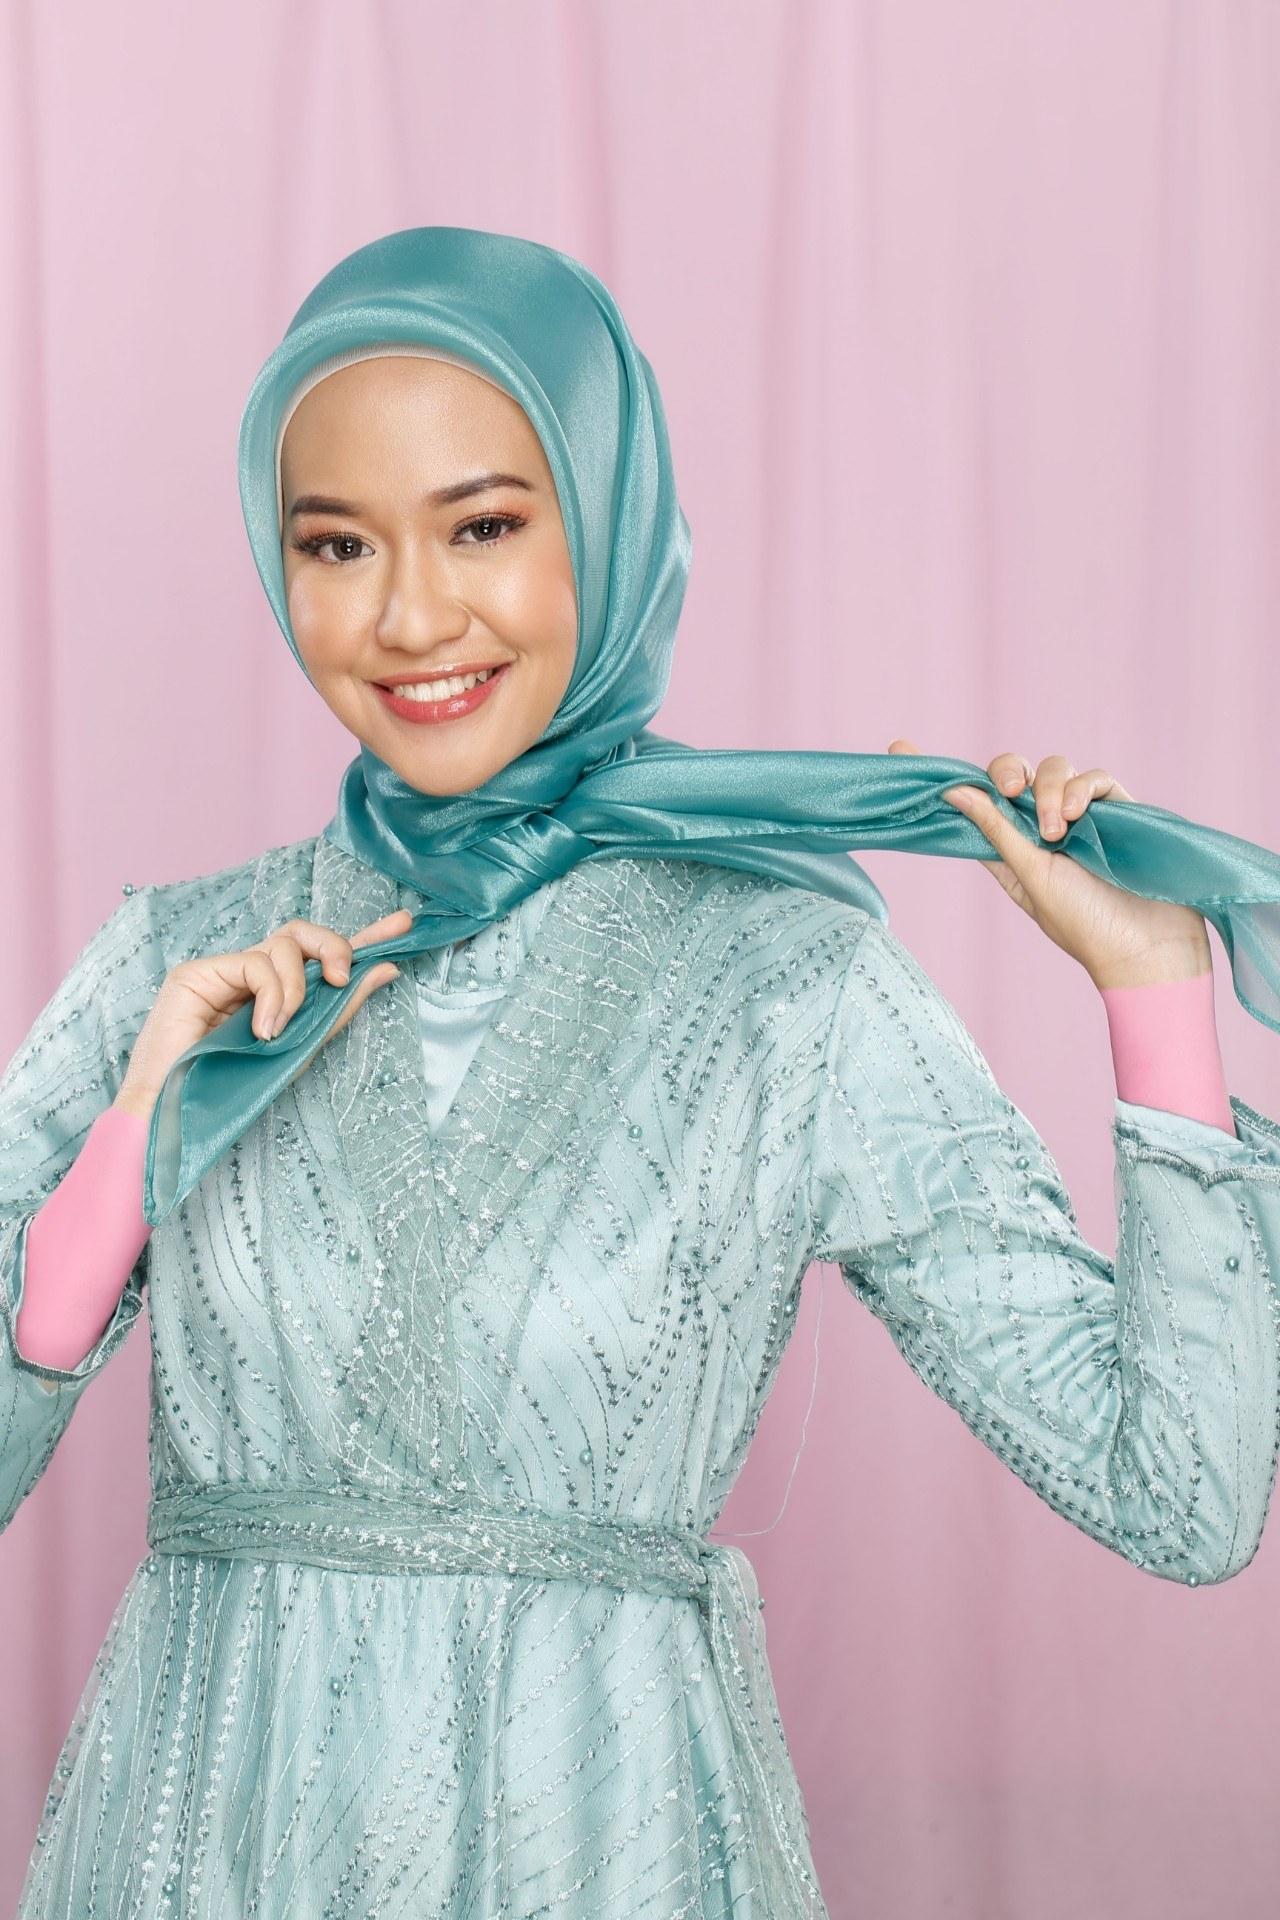 Kompilasi 8 Tutorial Hijab Pesta Modern di Bawah 8 Menit (VIDEO)